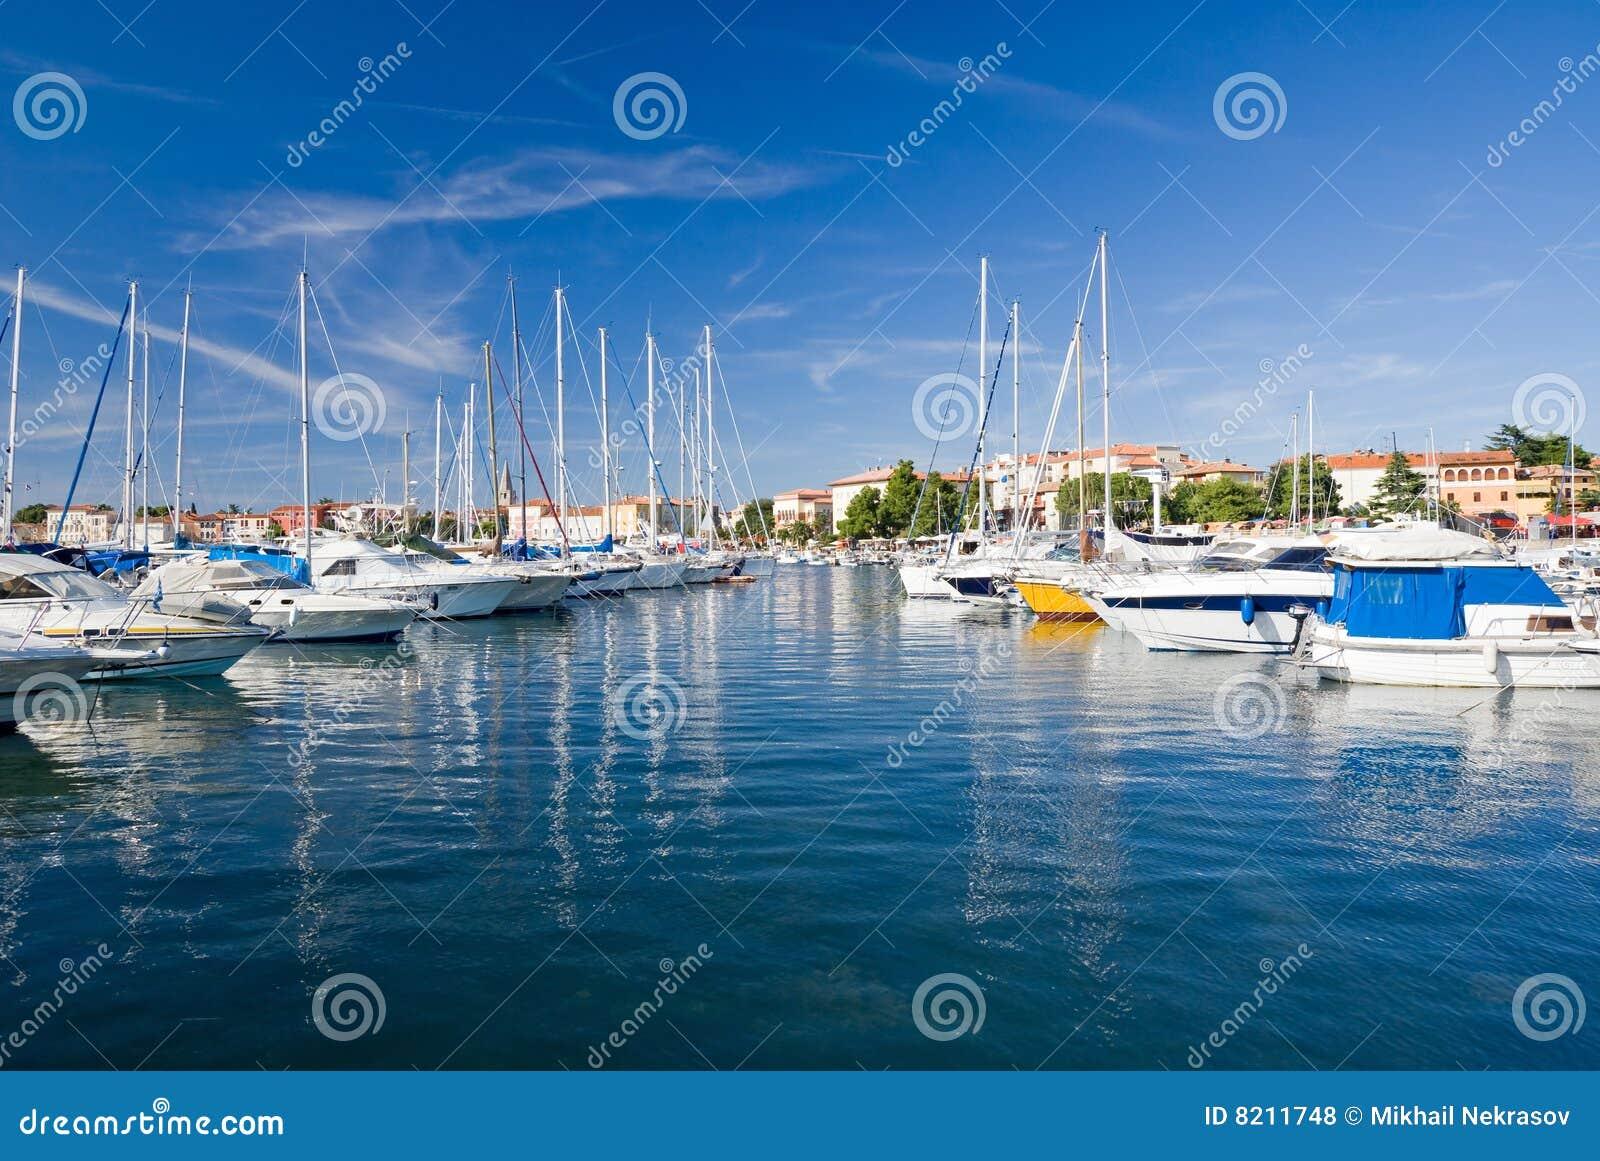 Jachthafen von Porec